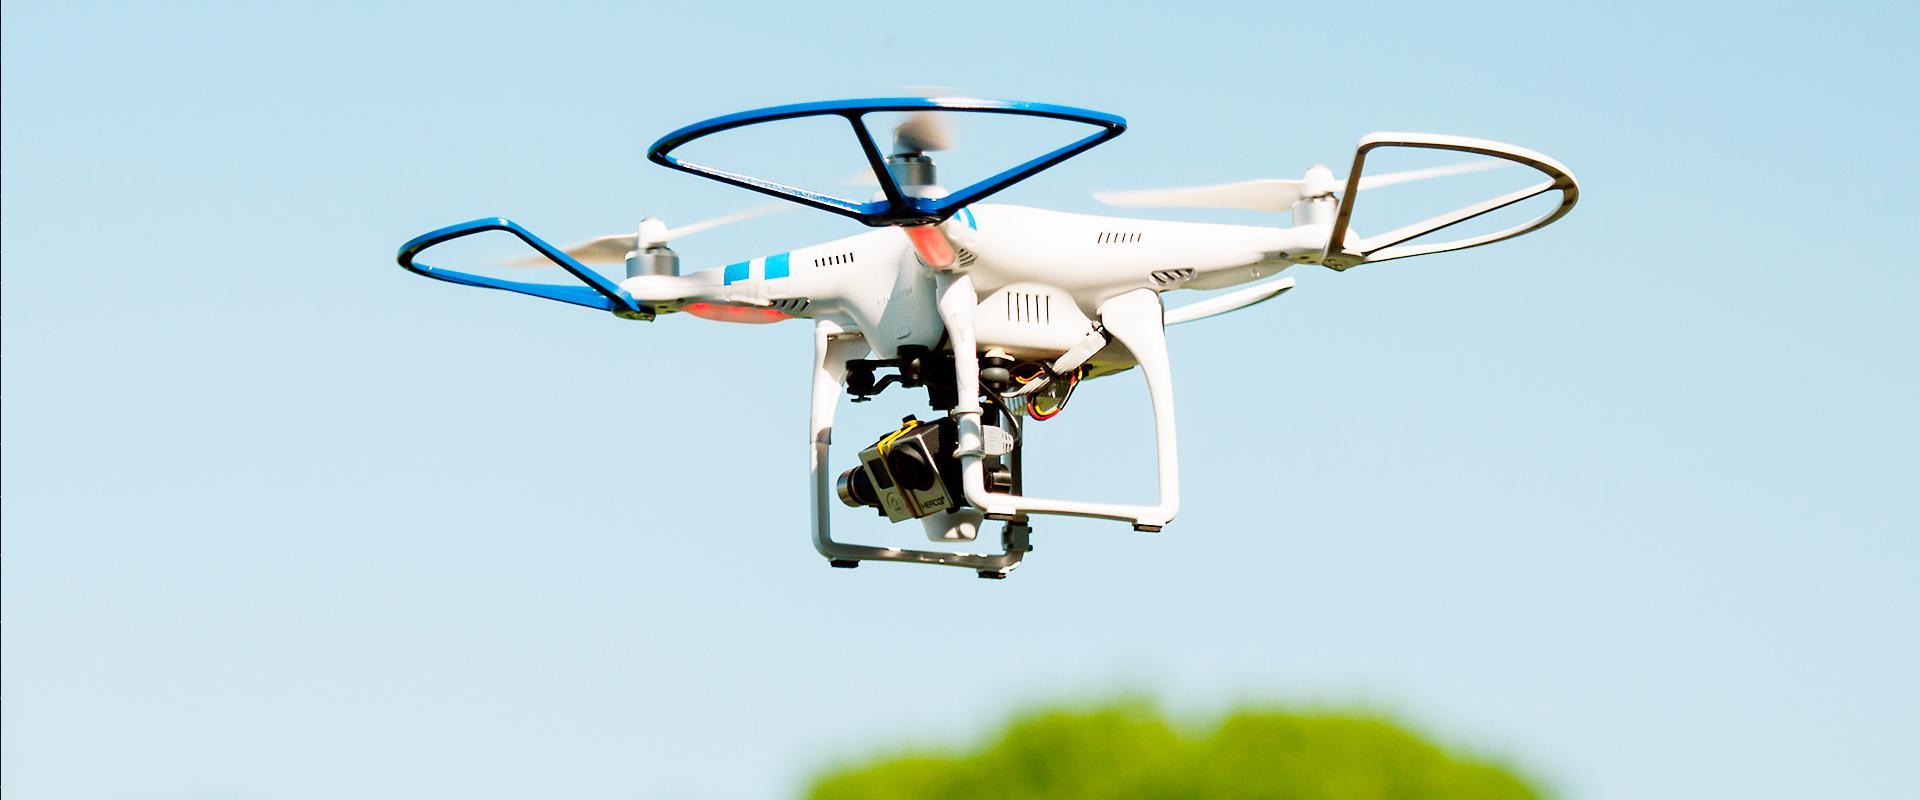 Štapovi su zastarjeli, na redu je dron za selfie